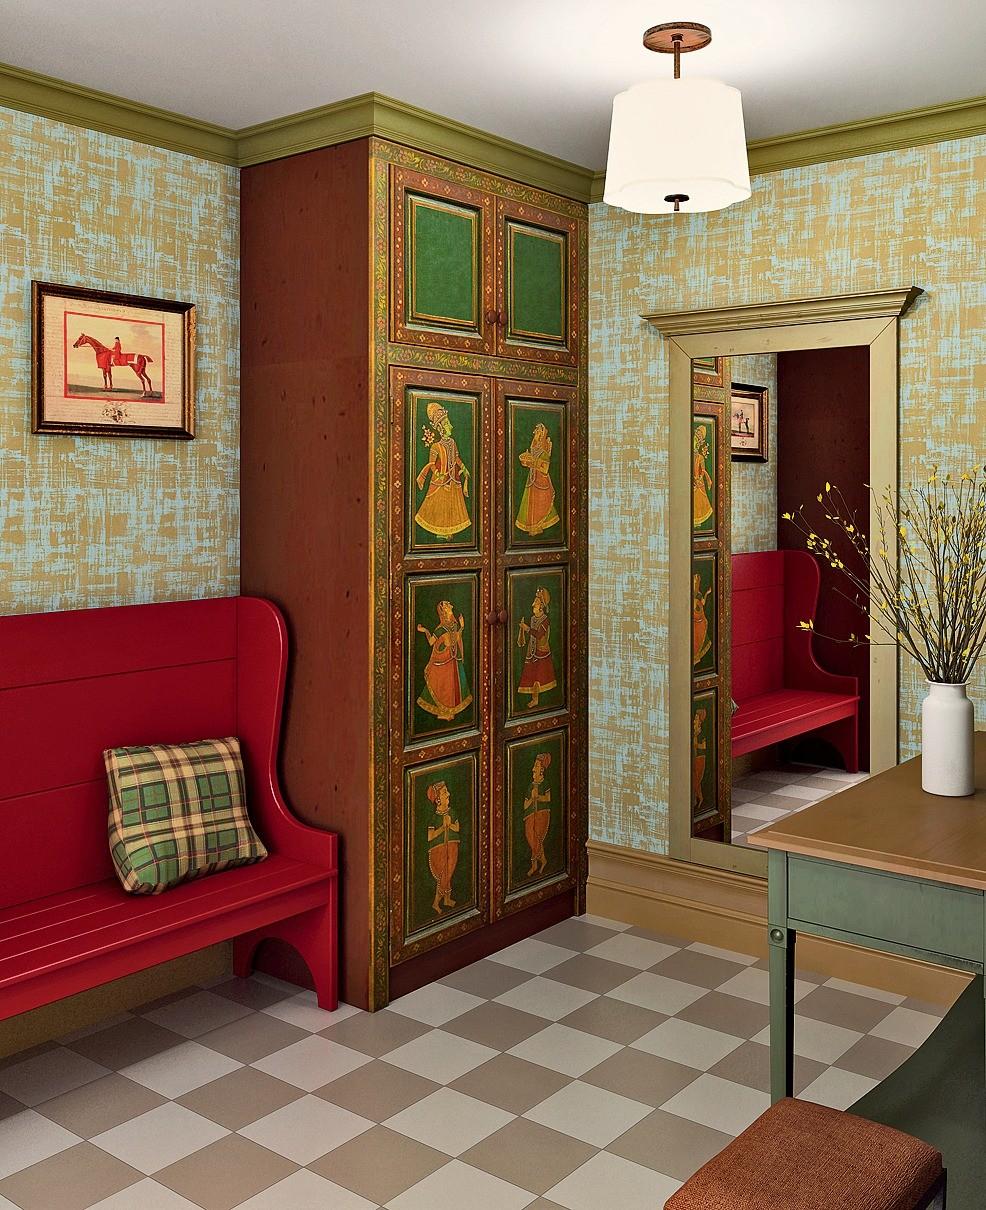 «Шахматный» пол в стиле фламандских интерьеров хорошо сочетается с крашеной мебелью и отдельно стоящими платяными шкафами с авторской росписью на традиционный индийский сюжет. Шкафы для о...